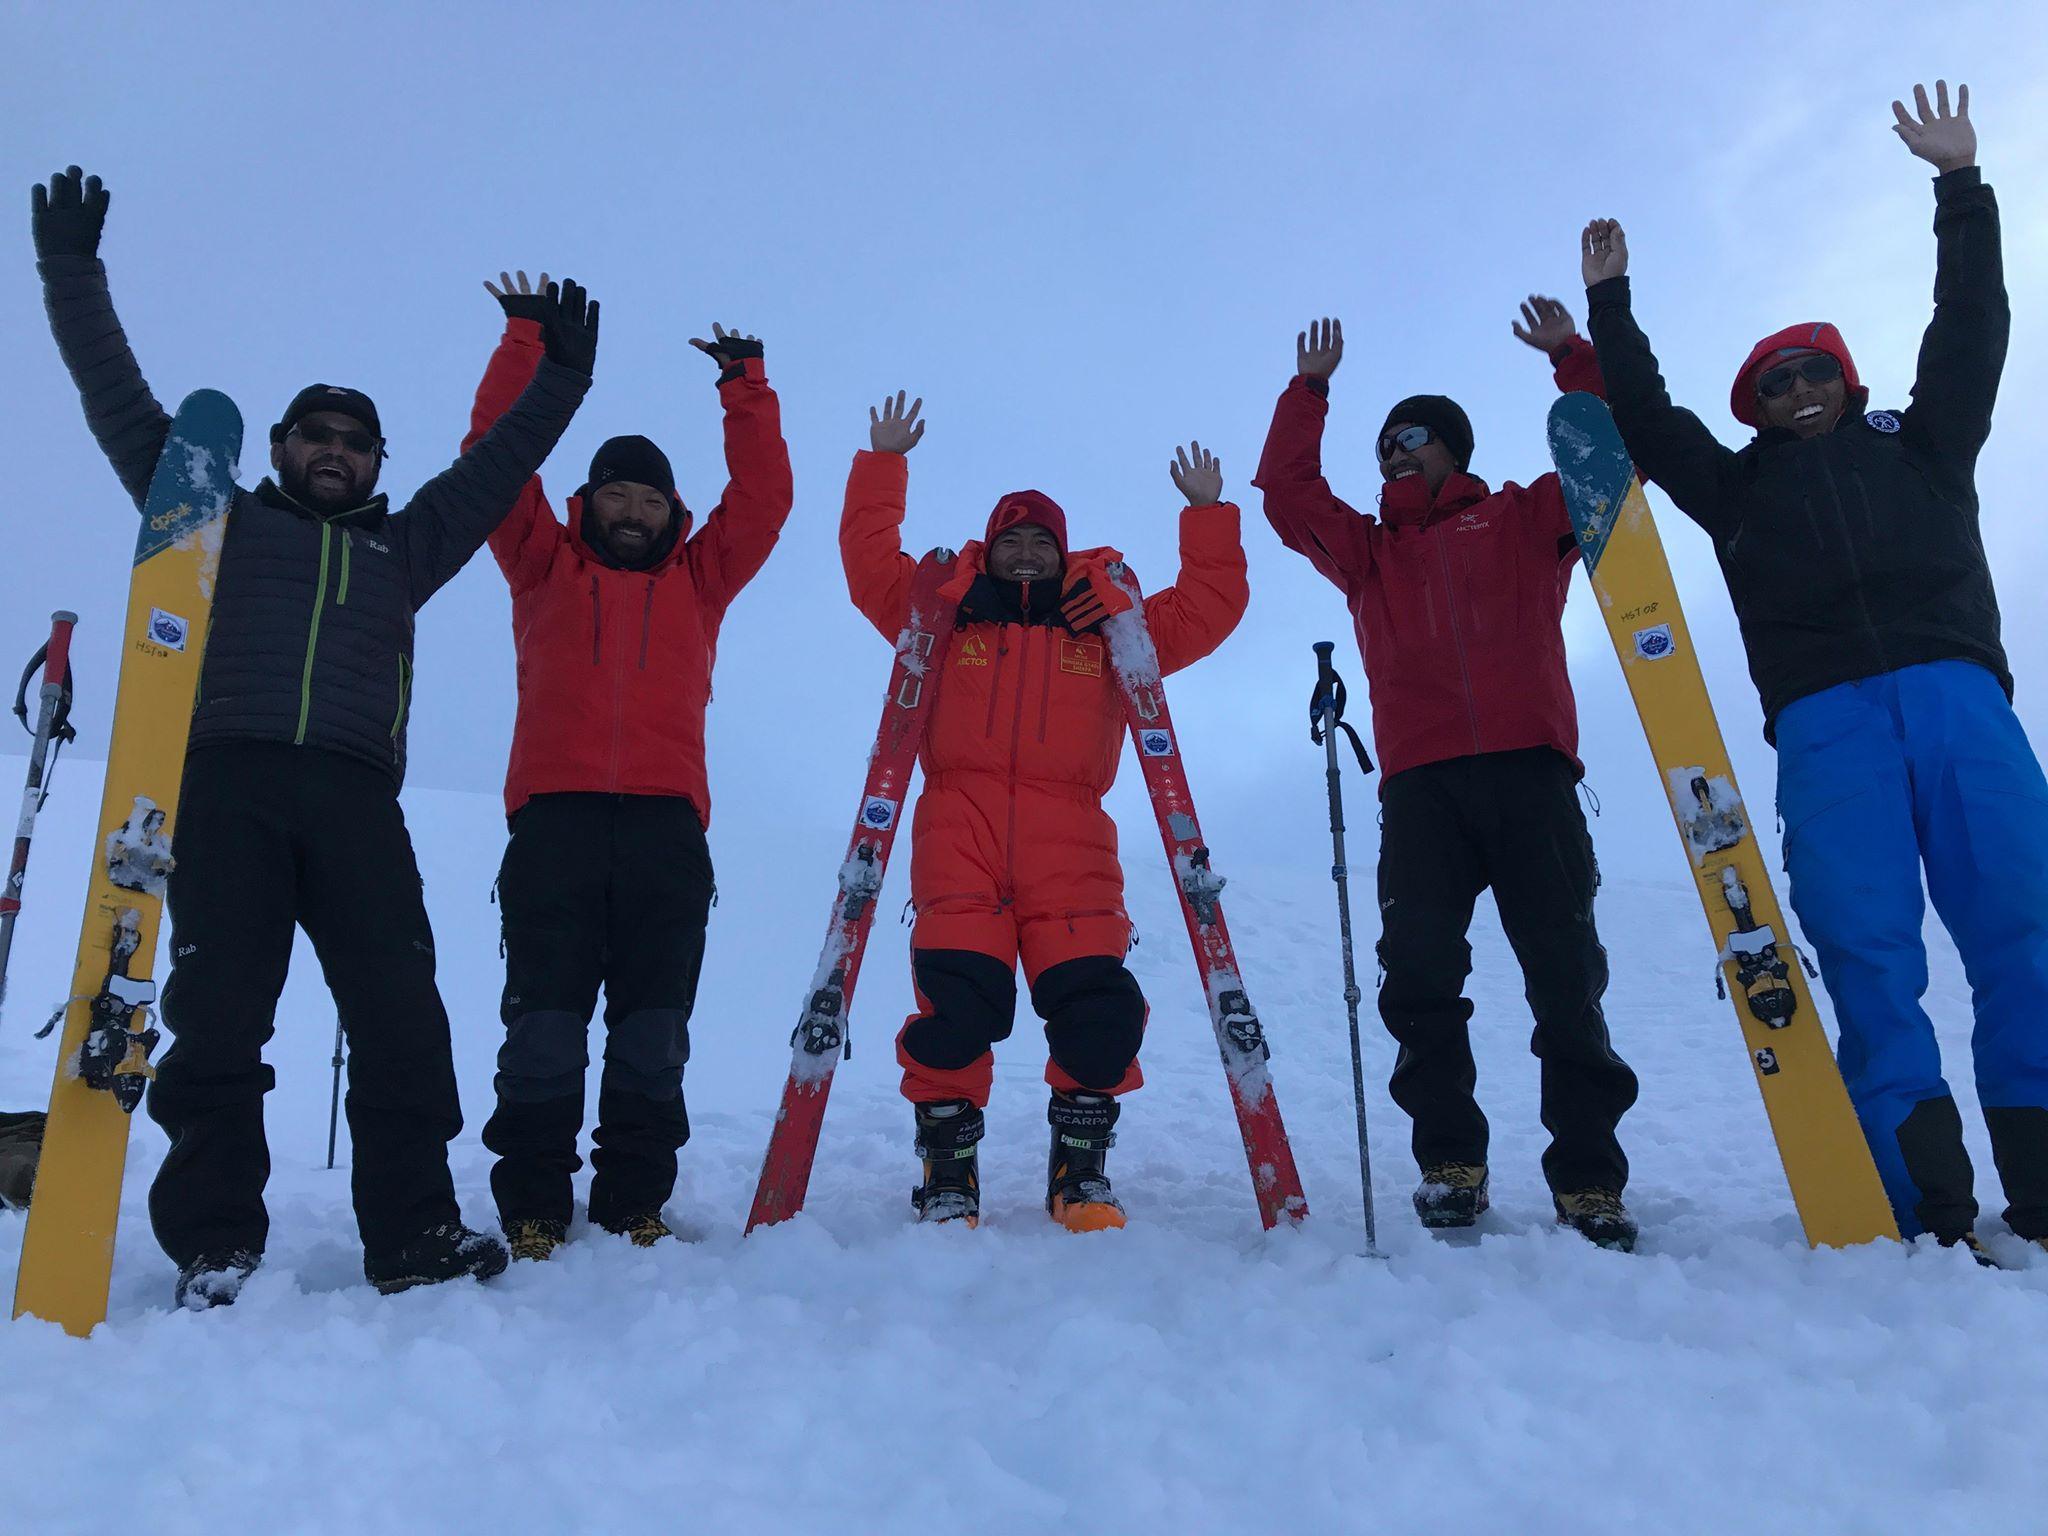 मुस्ताङ जिल्लाको मुक्तिनाथमा निशुल्क स्कि खेल हुदै